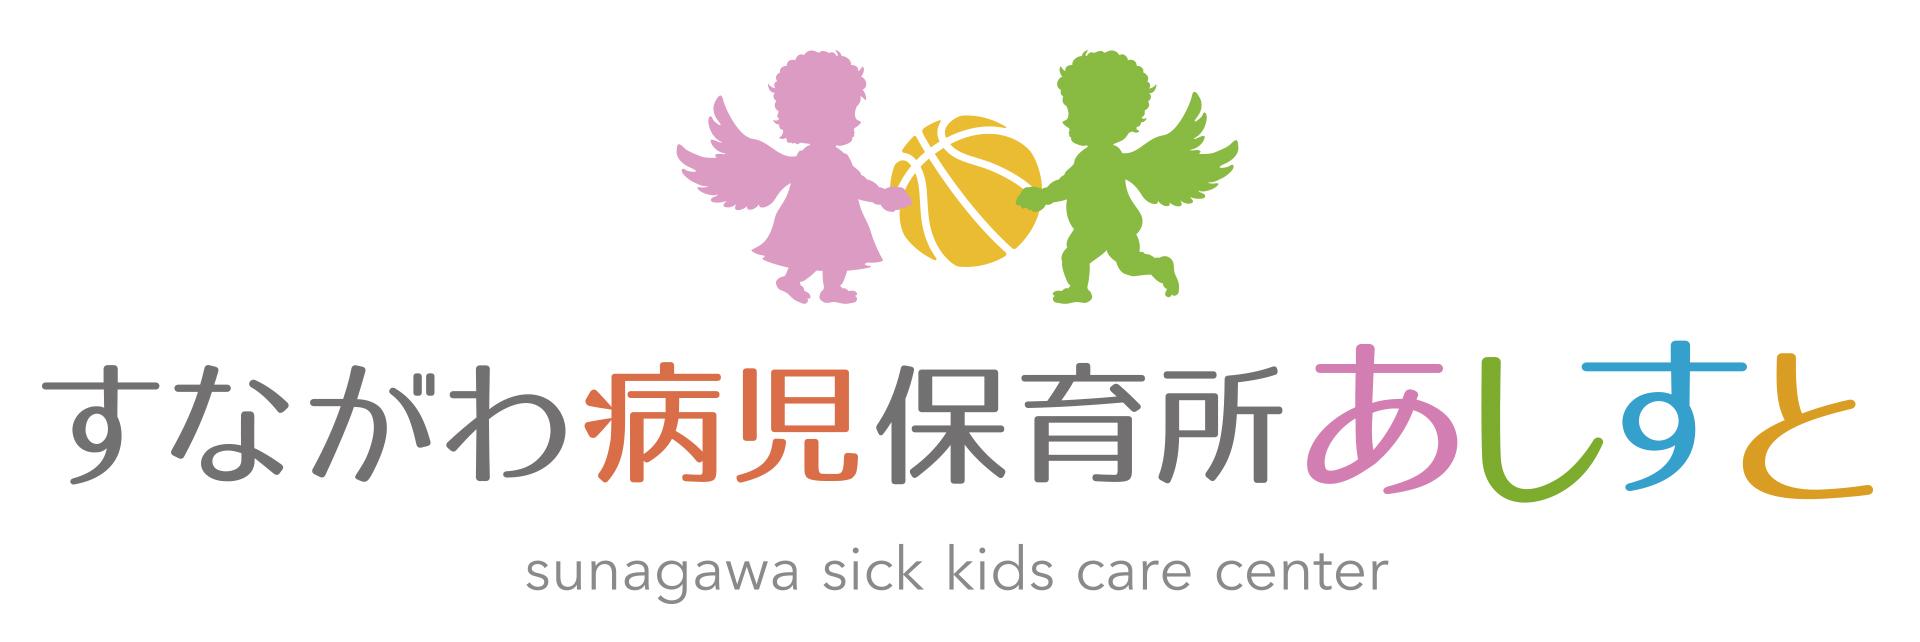 すながわ病児保育施設「あしすと」2017年3月10日開設!